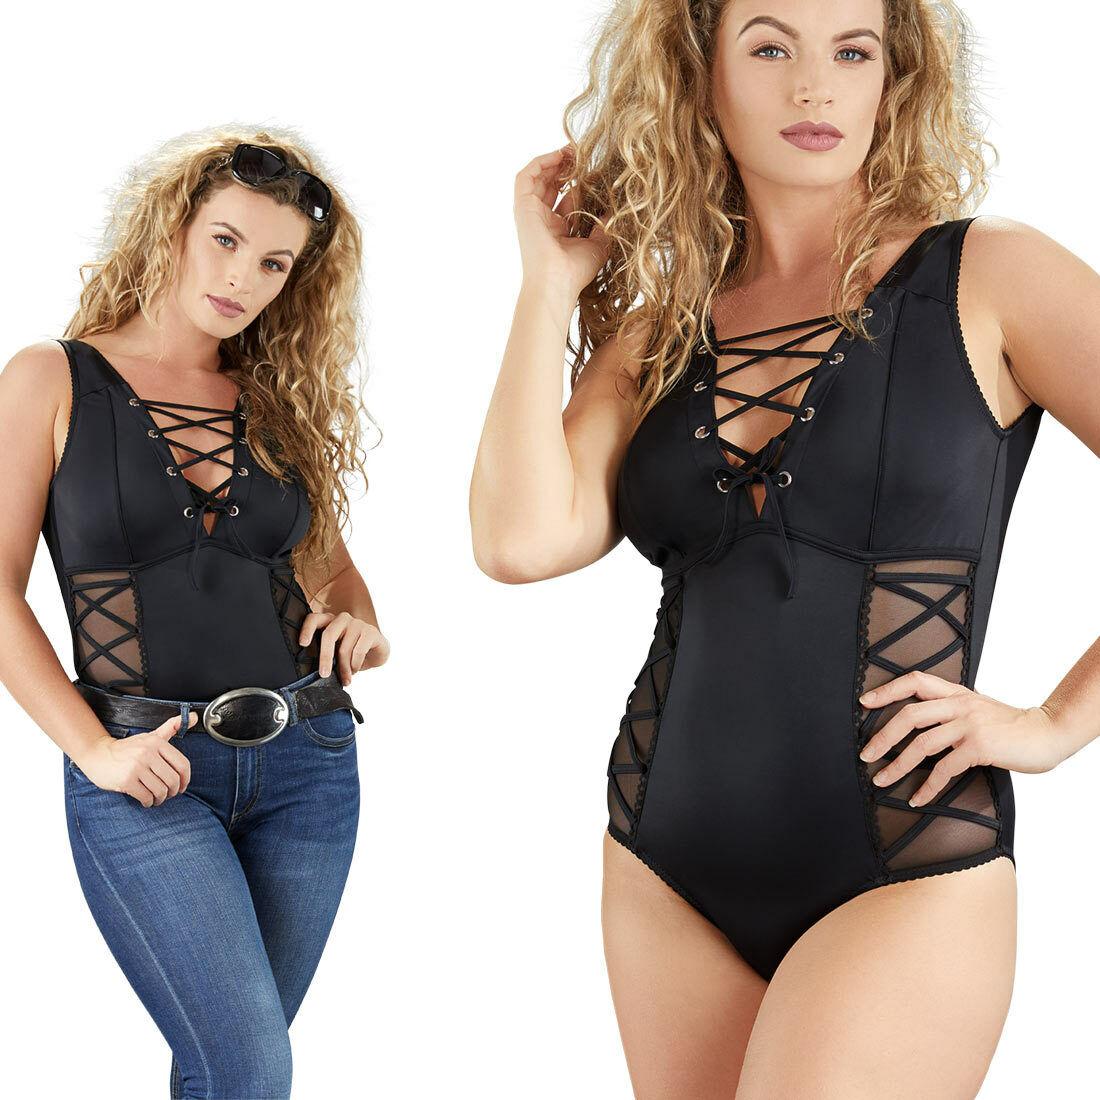 Plus Größe Damen Body L XL 2XL 3XL 4XL Badeanzug Damenbody Einteiler  Ambra   | Nicht so teuer  | Mittlere Kosten  | Große Ausverkauf  | Überlegen  | Neueste Technologie